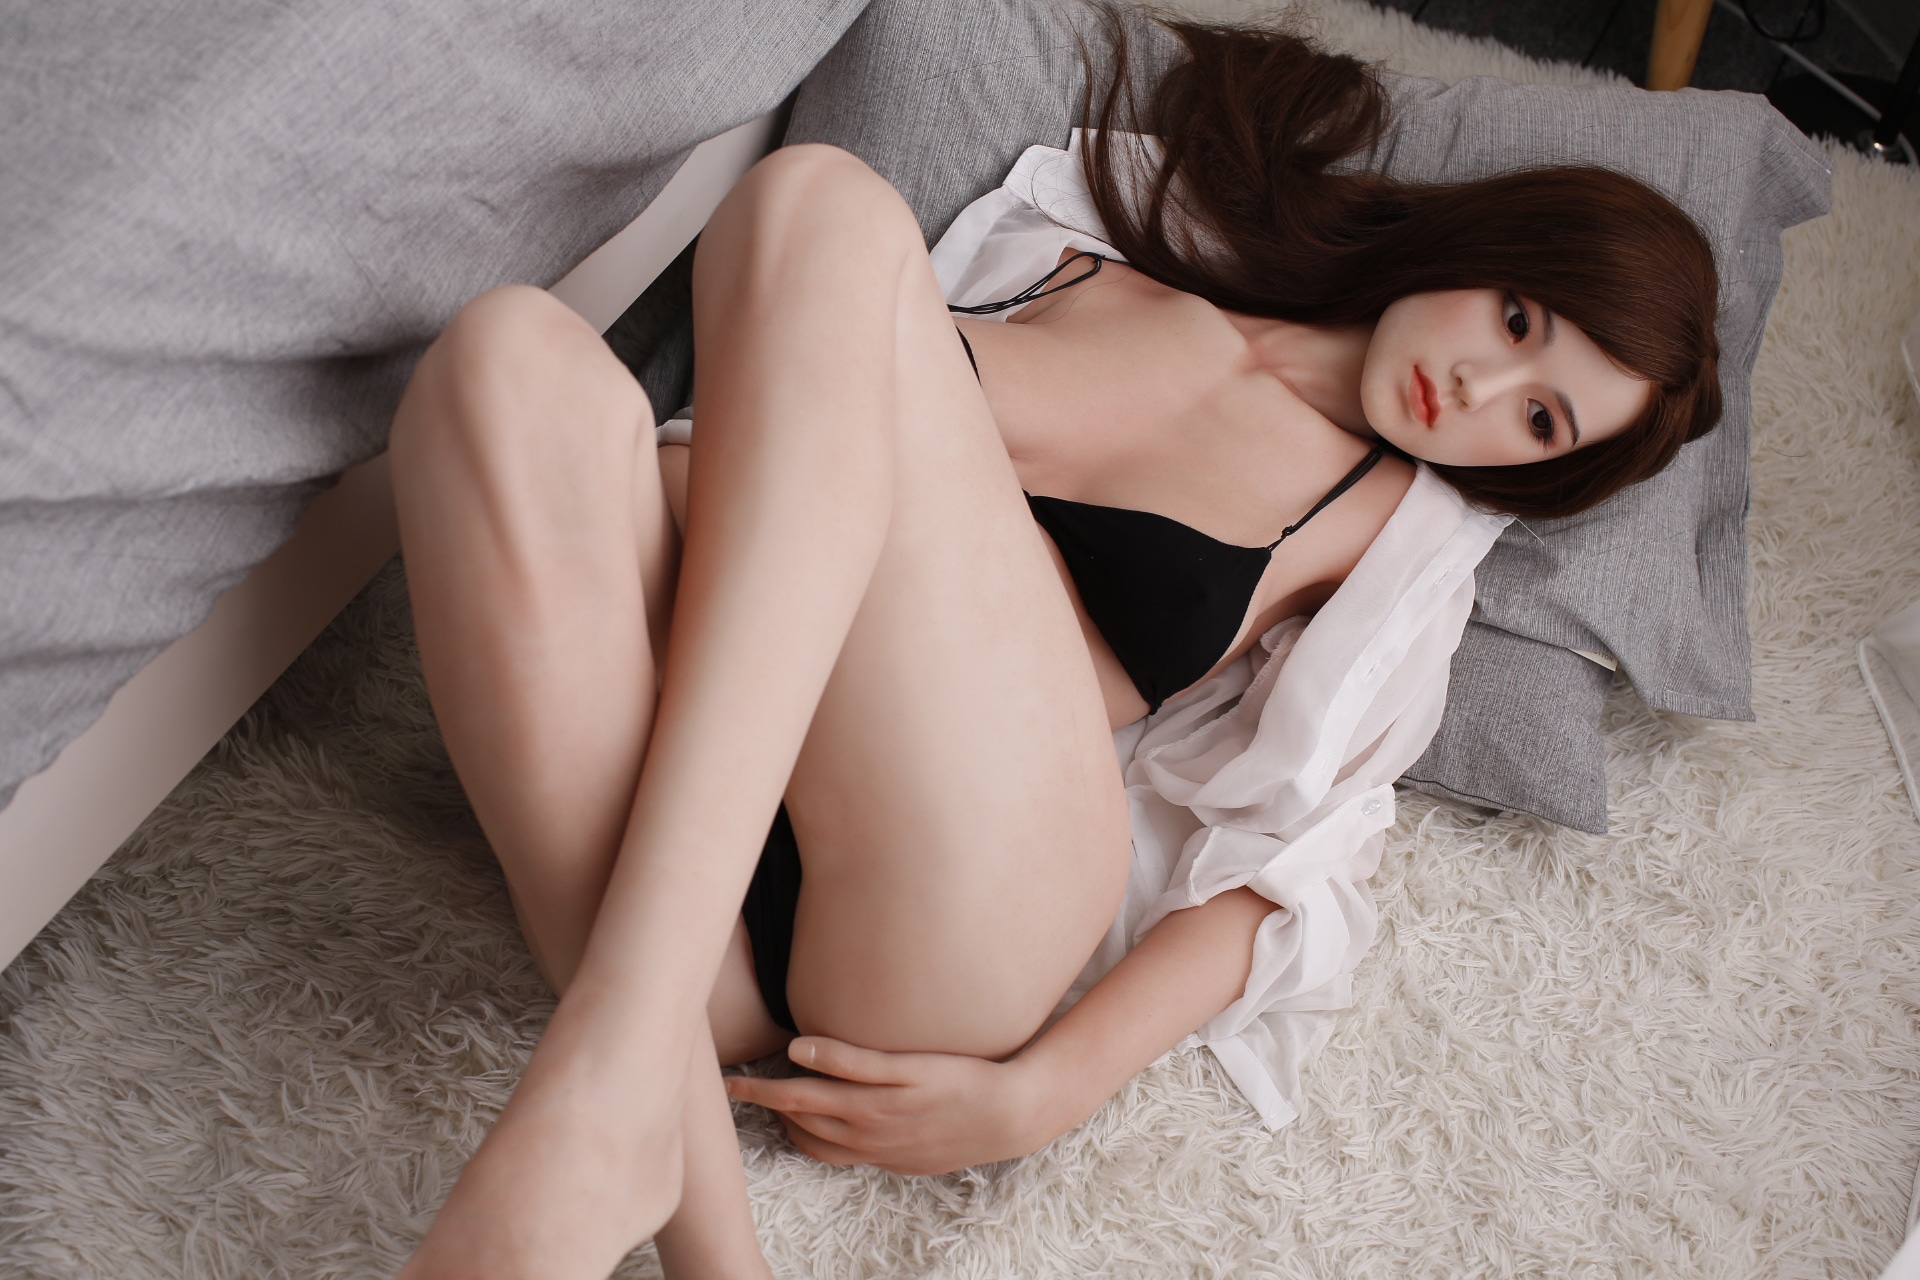 Poupée Silicone Sex Doll Starpery Jiu Mei 171 cm Bonne C